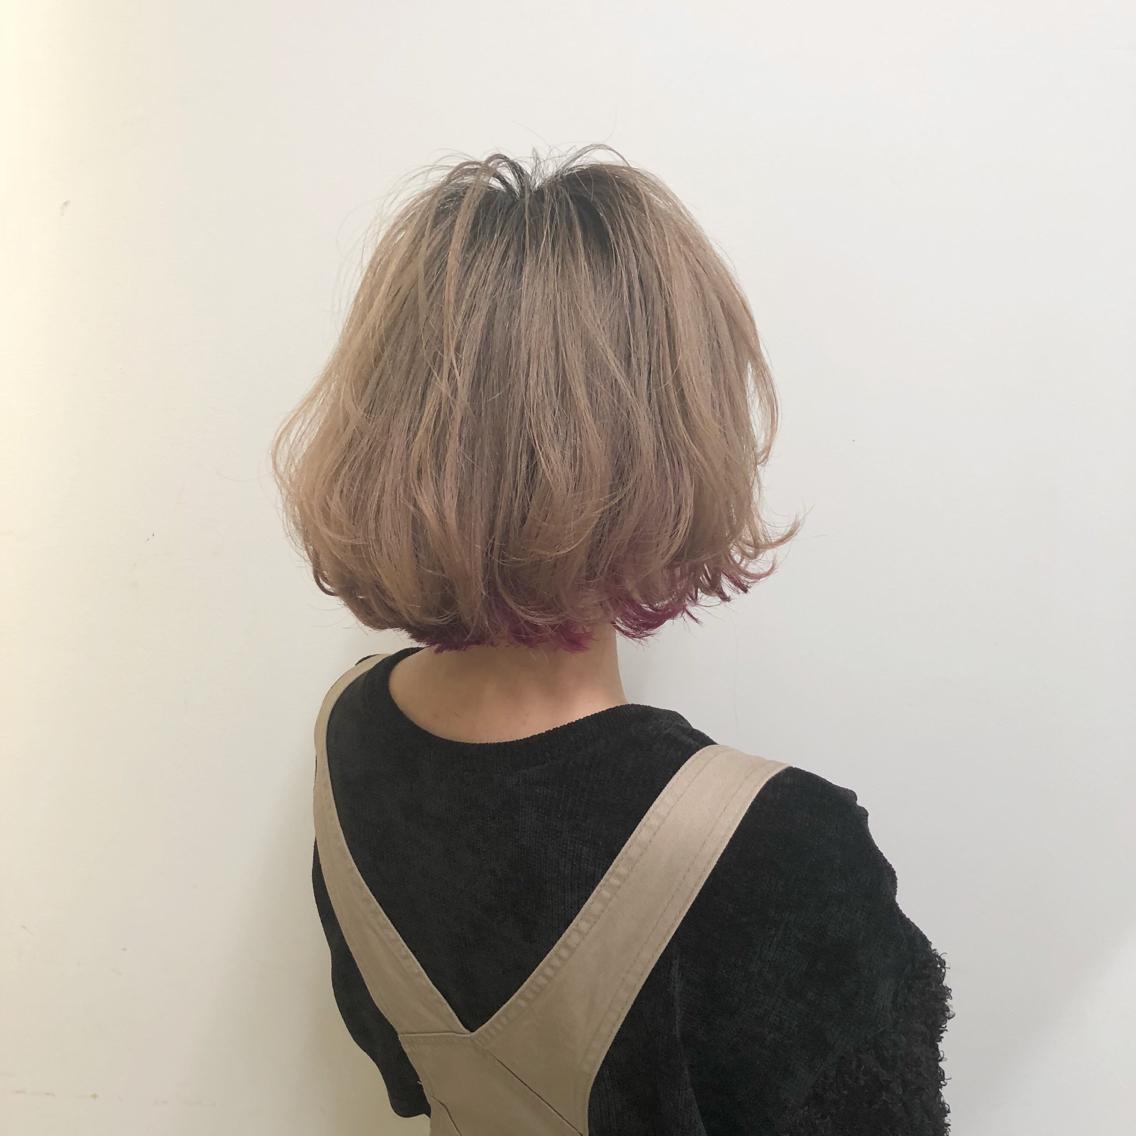 #ショート #カラー #パーマ #ヘアアレンジ 【ガーリーボブ×インナーカラー】  Instagramにもヘアスタイル載せてますので是非♪♪  Instagram→yuuki_matsui_